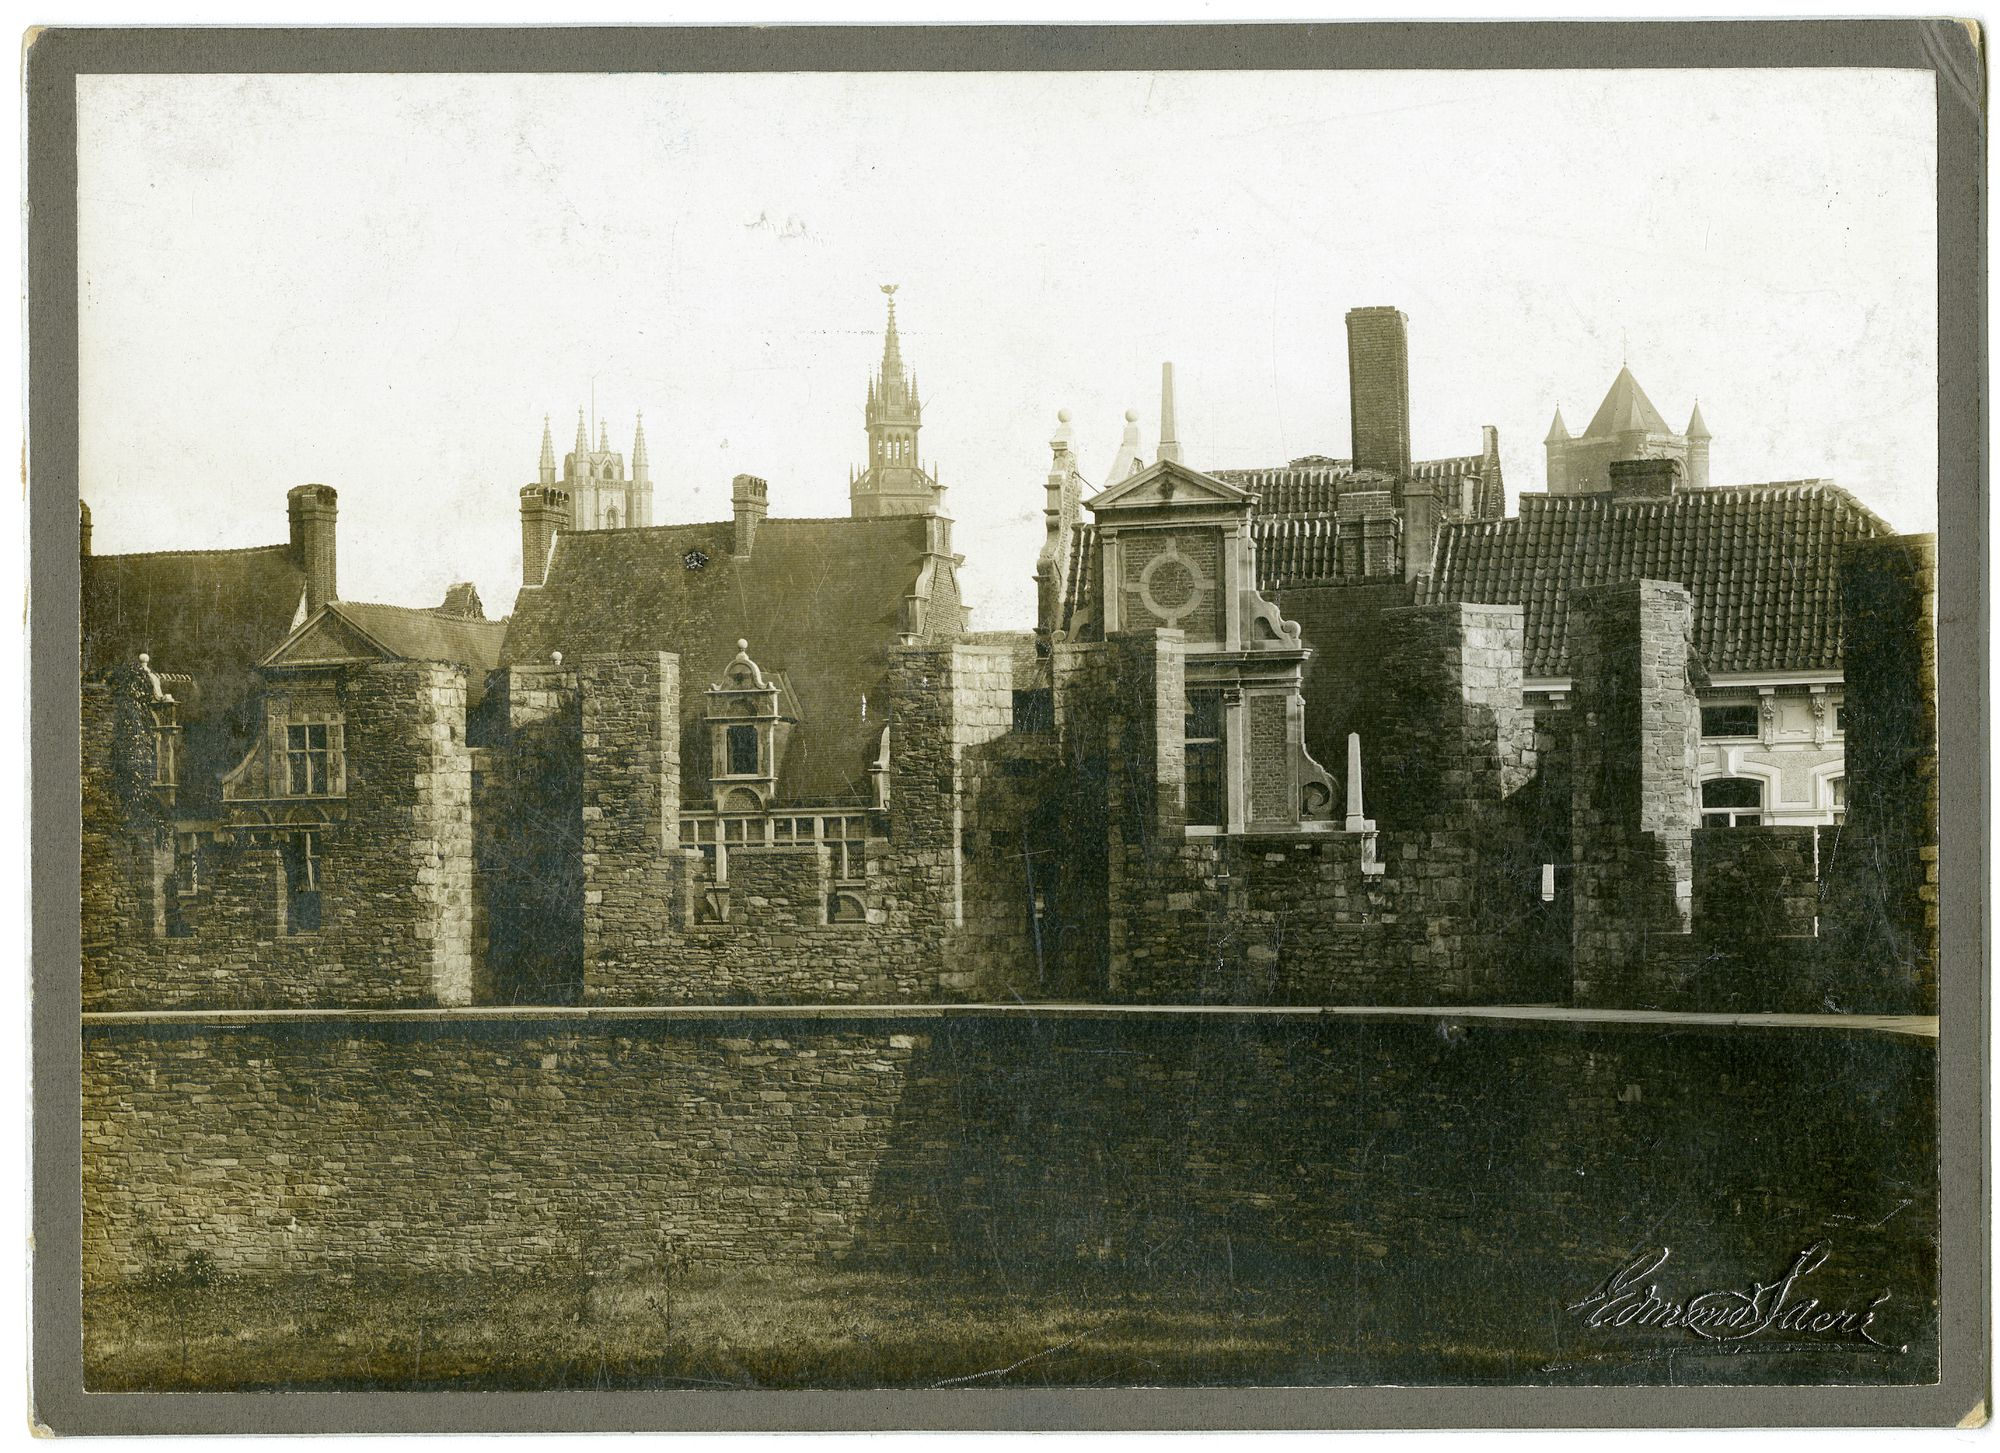 Gent: panorama vanaf de walgang Gravensteen, huizen in de Geldmunt en de drie torens